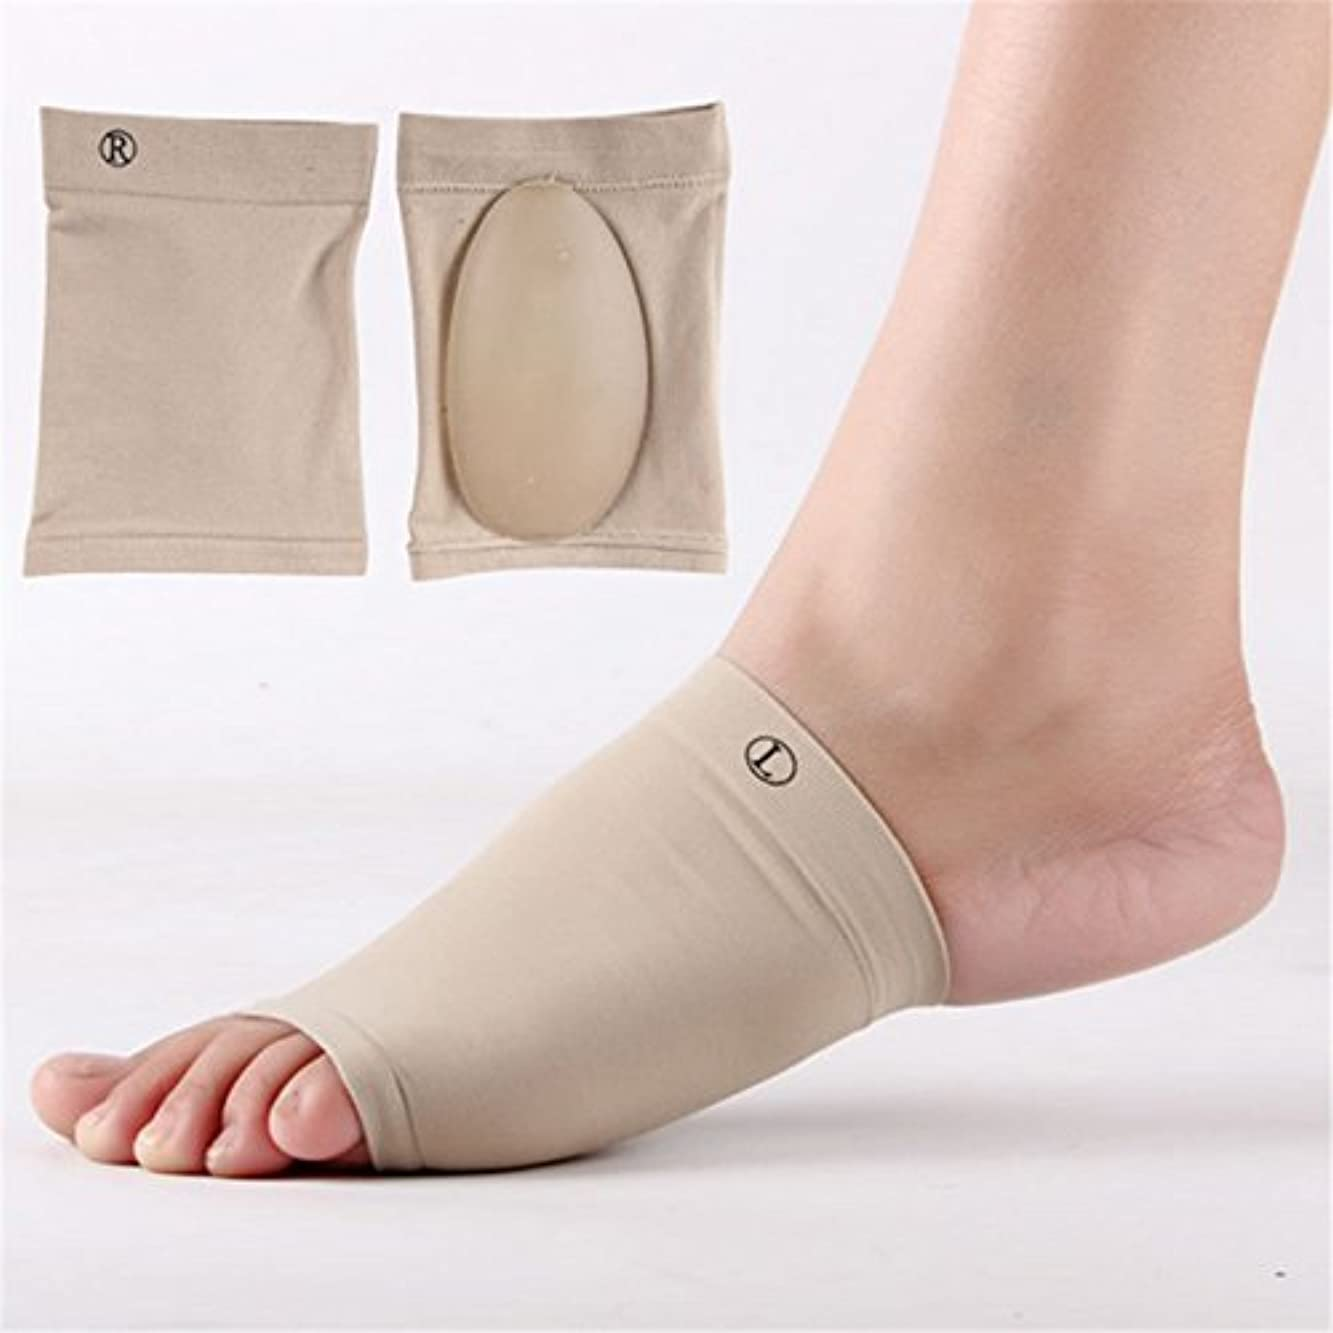 住人従ううれしいLorny(TM)1Pairジェル足底筋膜炎アーチサポートスリーブアーチソックスかかとクッションフラット足の整形外科靴パッドフットケア [並行輸入品]